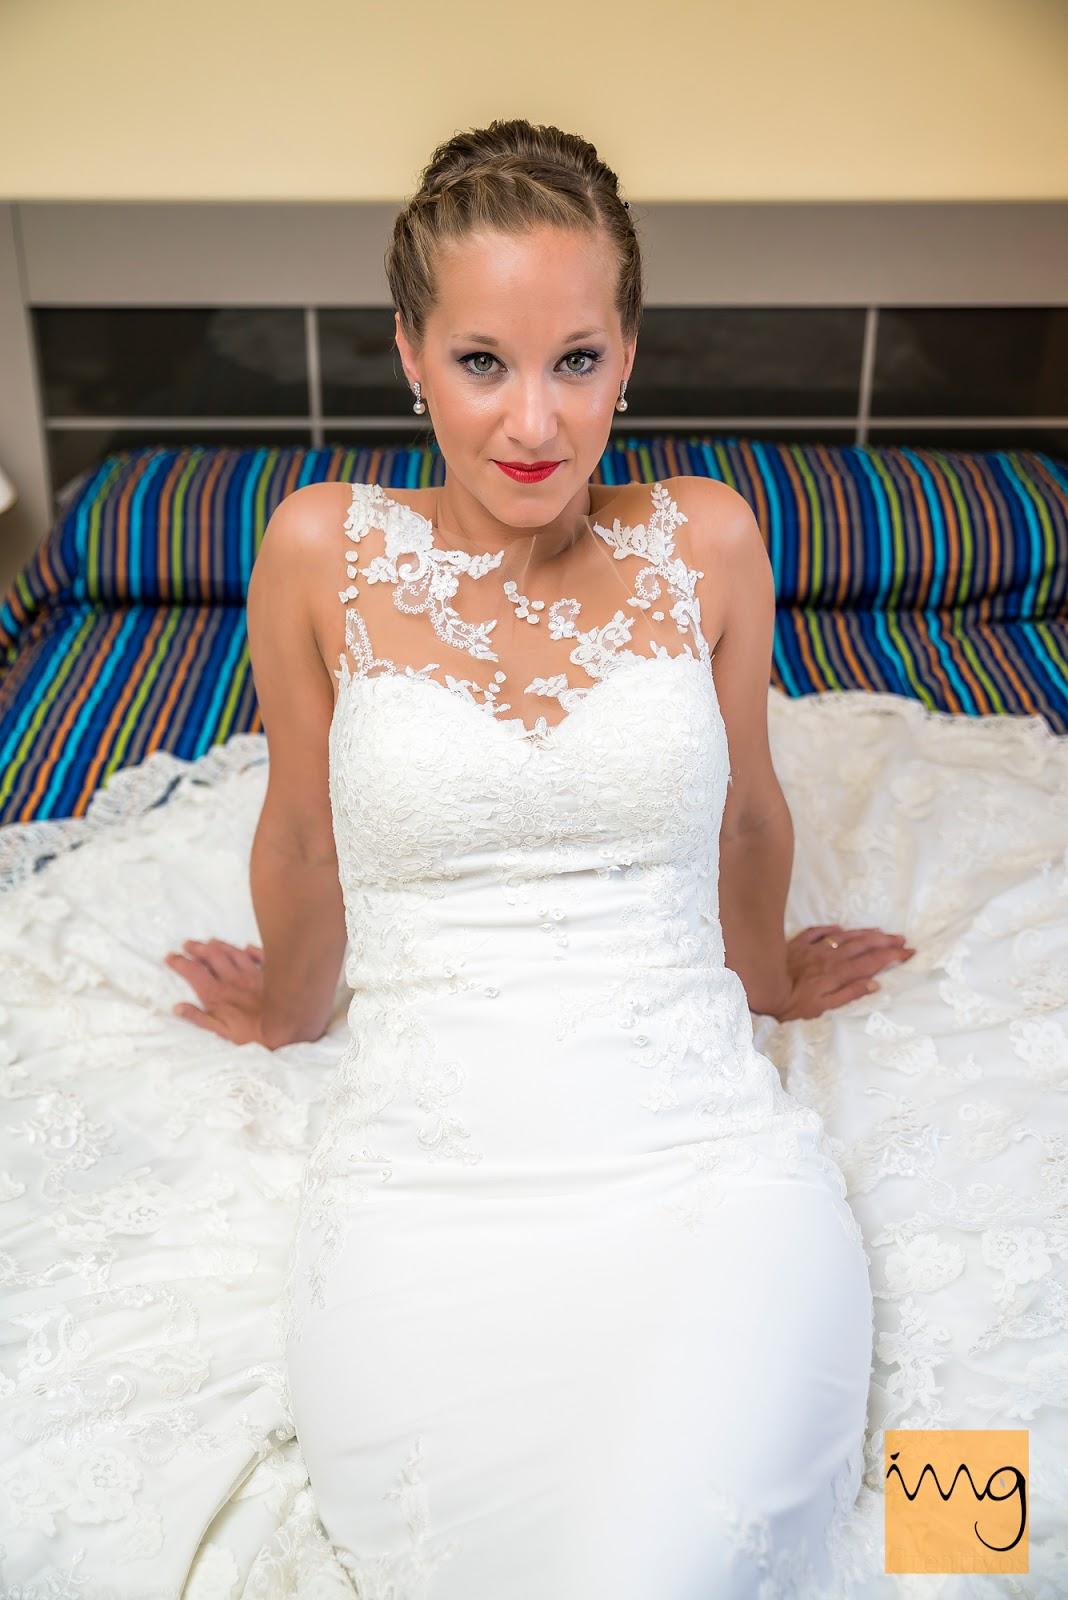 Fotografía posada de boda en casa de la novia